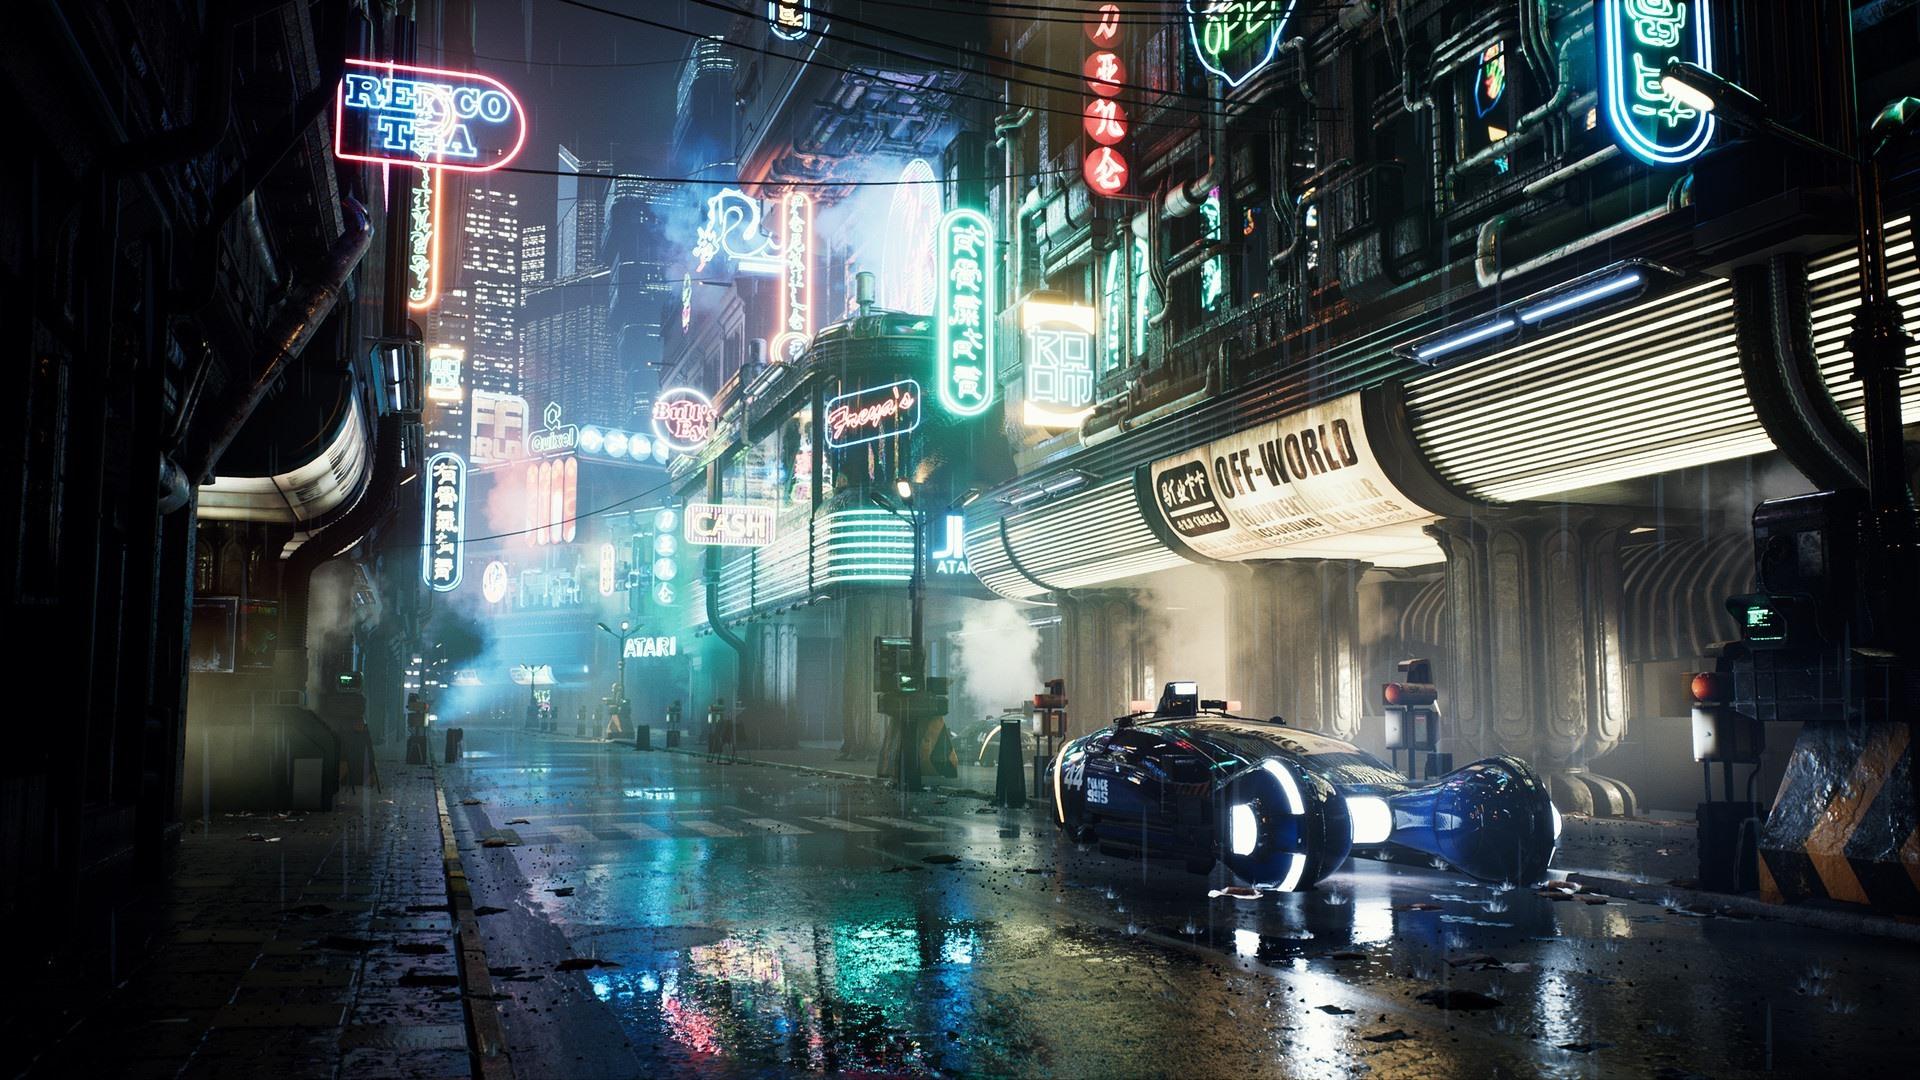 壁紙 未来の都市 夜 道路 車 ライト 1920x1080 Full Hd 2k 無料の